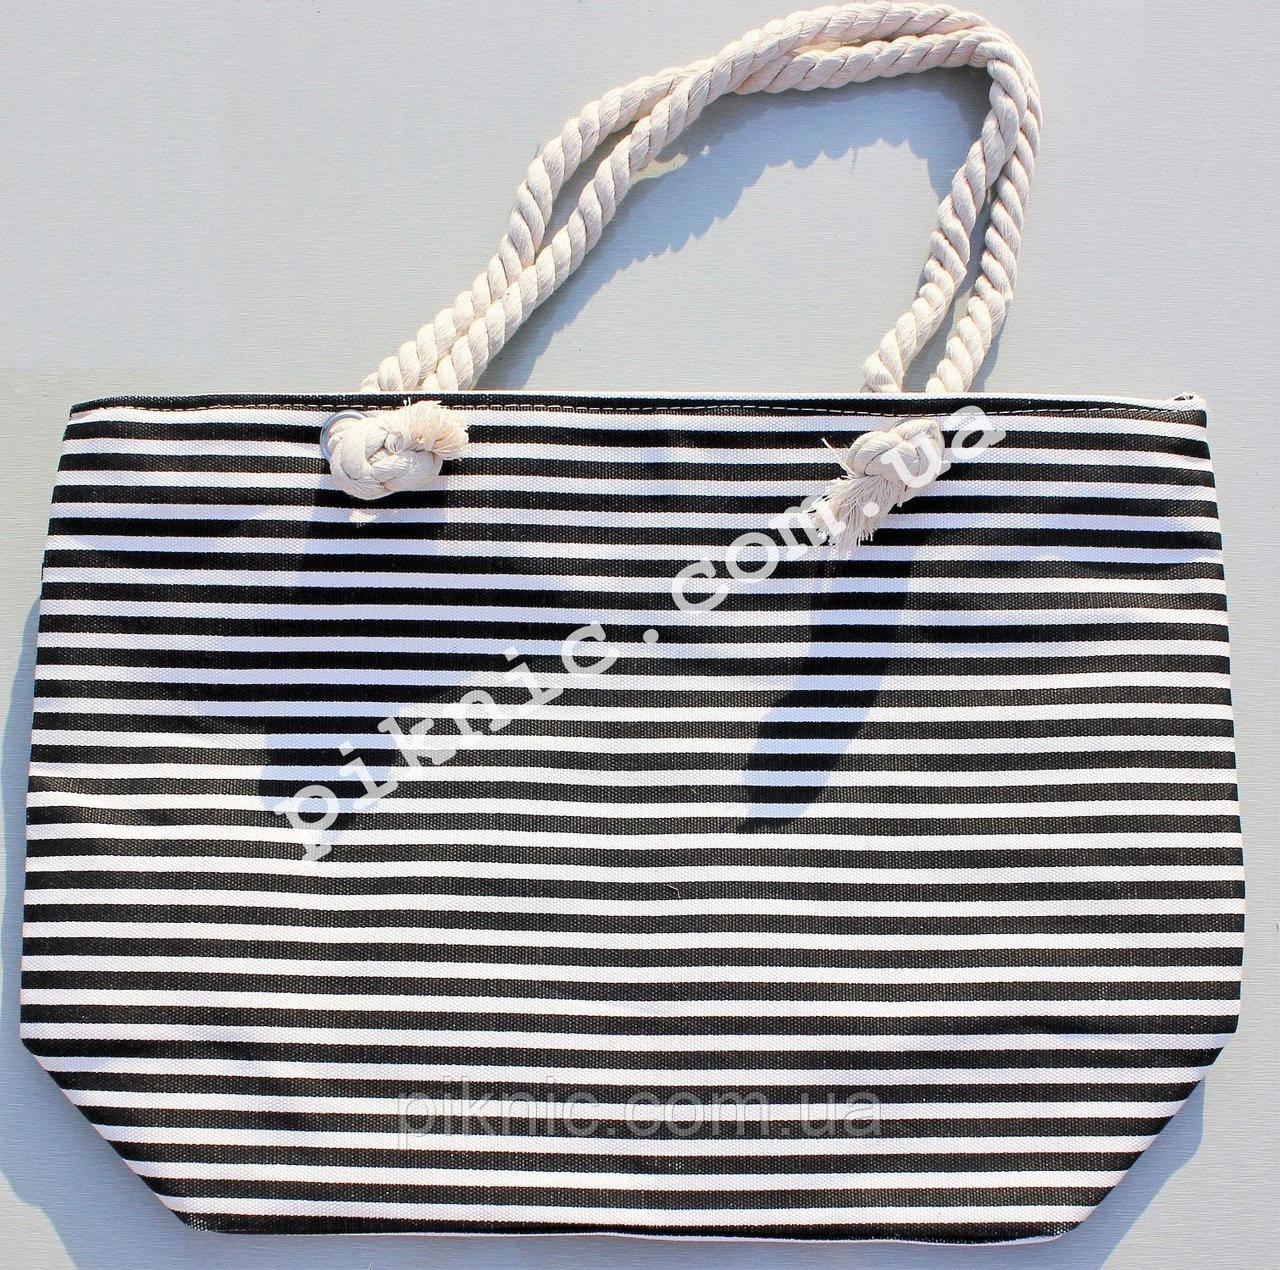 Сумка пляжная Полосатая текстиль. Женская тканевая сумка на пляж